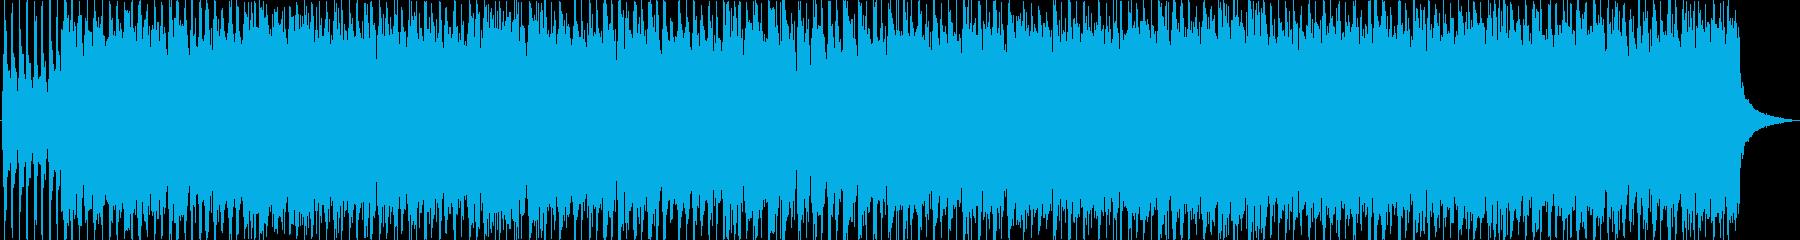 シューベルト「楽興の時」ロックアレンジの再生済みの波形